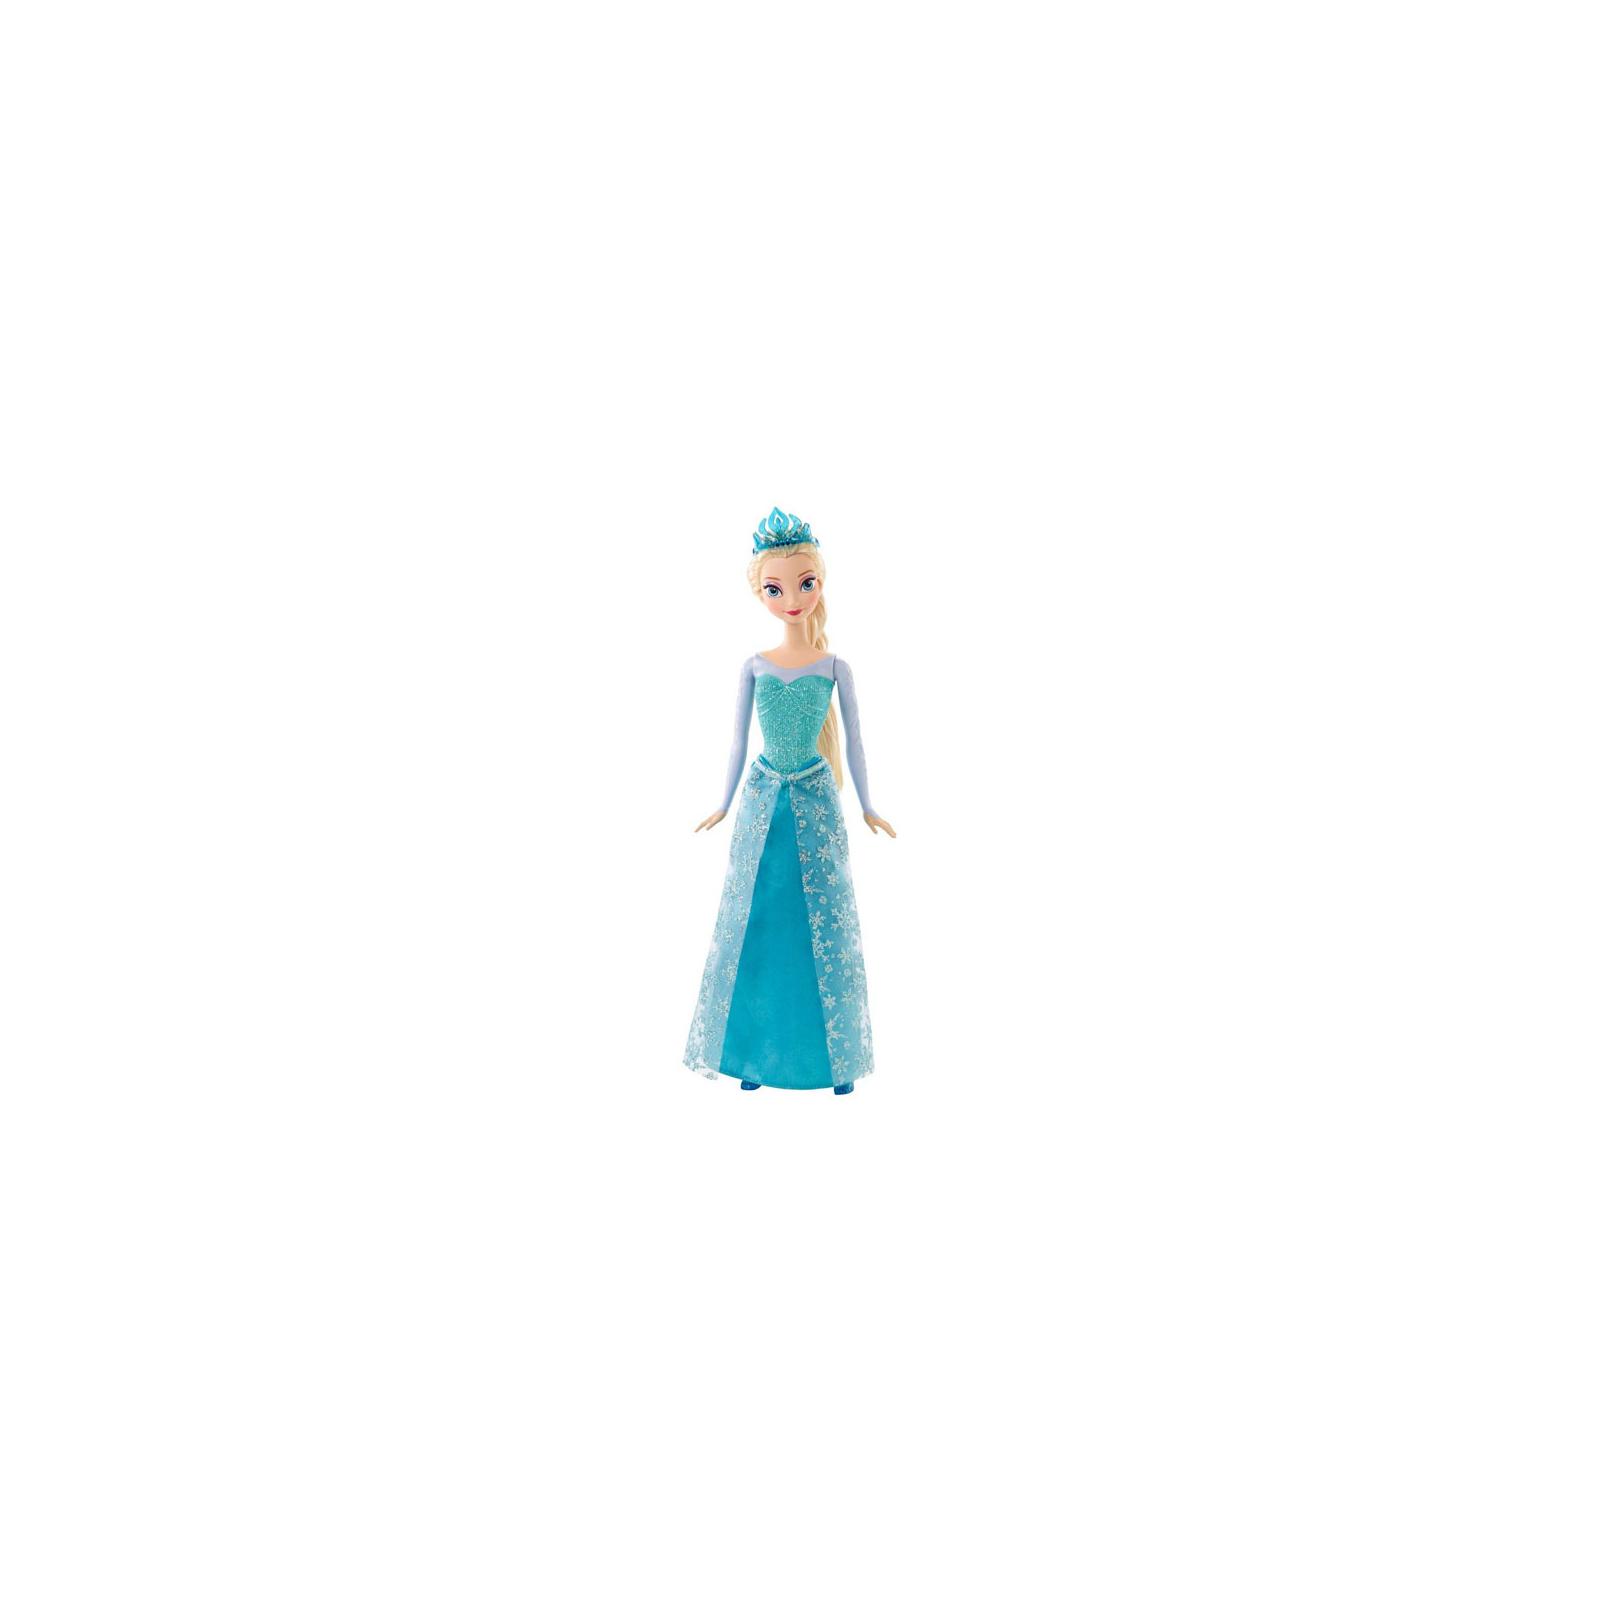 Кукла Mattel Эльза Сказочная Принцесса Дисней из м/ф Ледяное сердце (CJX74-2)